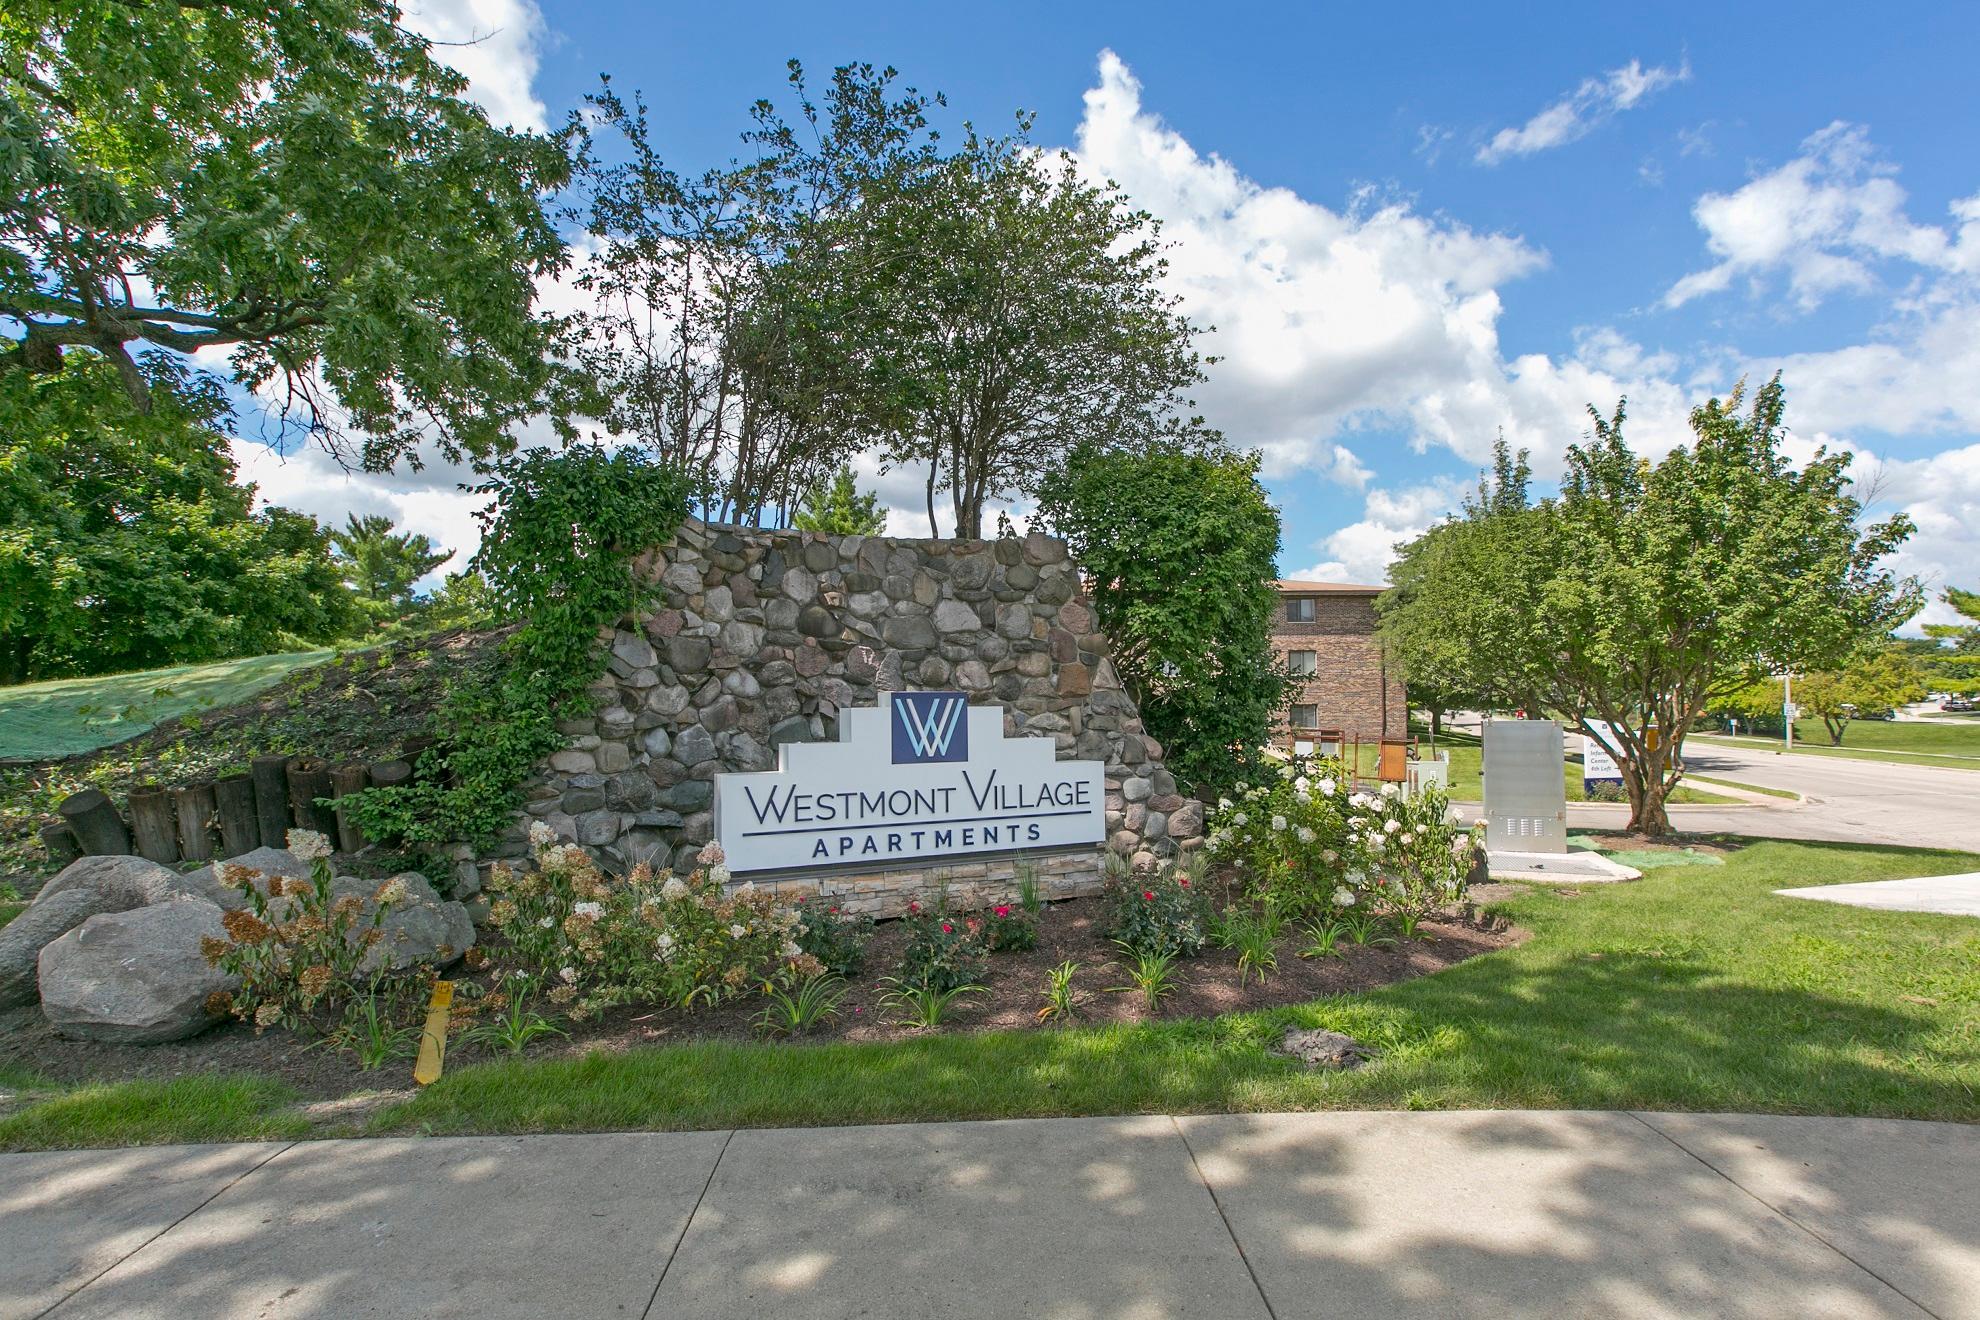 Westmont Village Apartments image 26